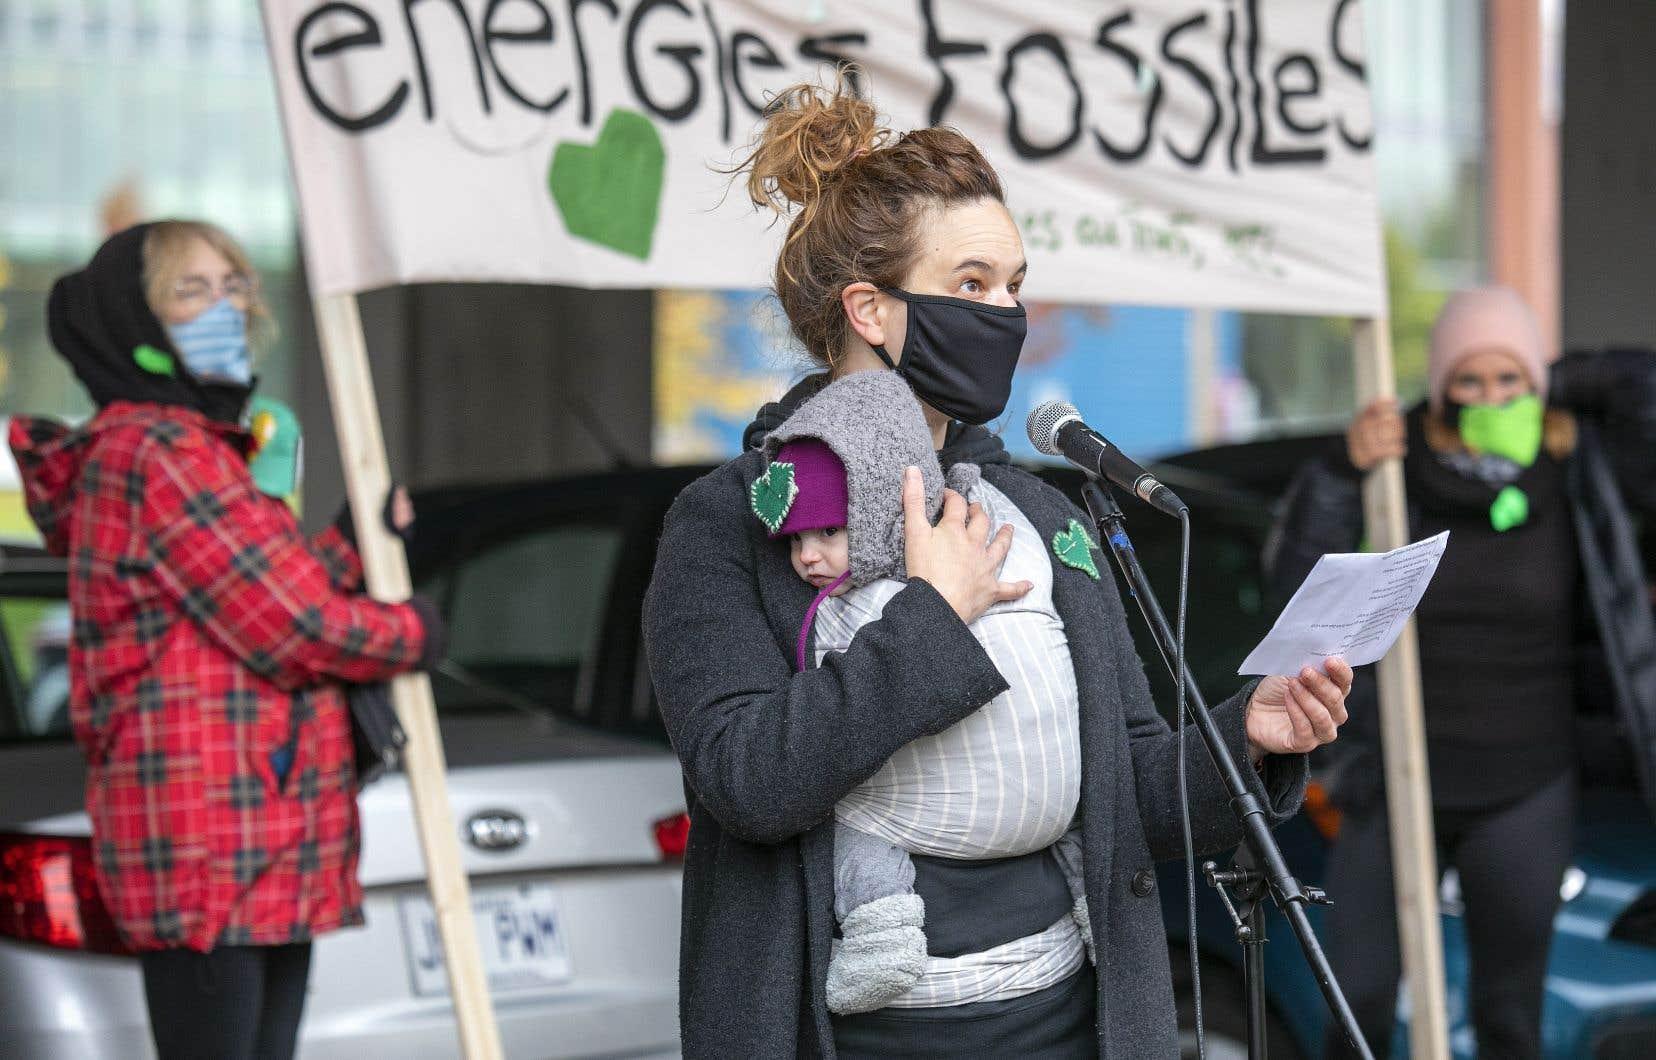 Véronique Côté tient sa petite de quatre mois durant la vigile pour la suite du monde, organisée par les Mères au front devant les bureaux du premier ministre Justin Trudeau, mercredi à Montréal.